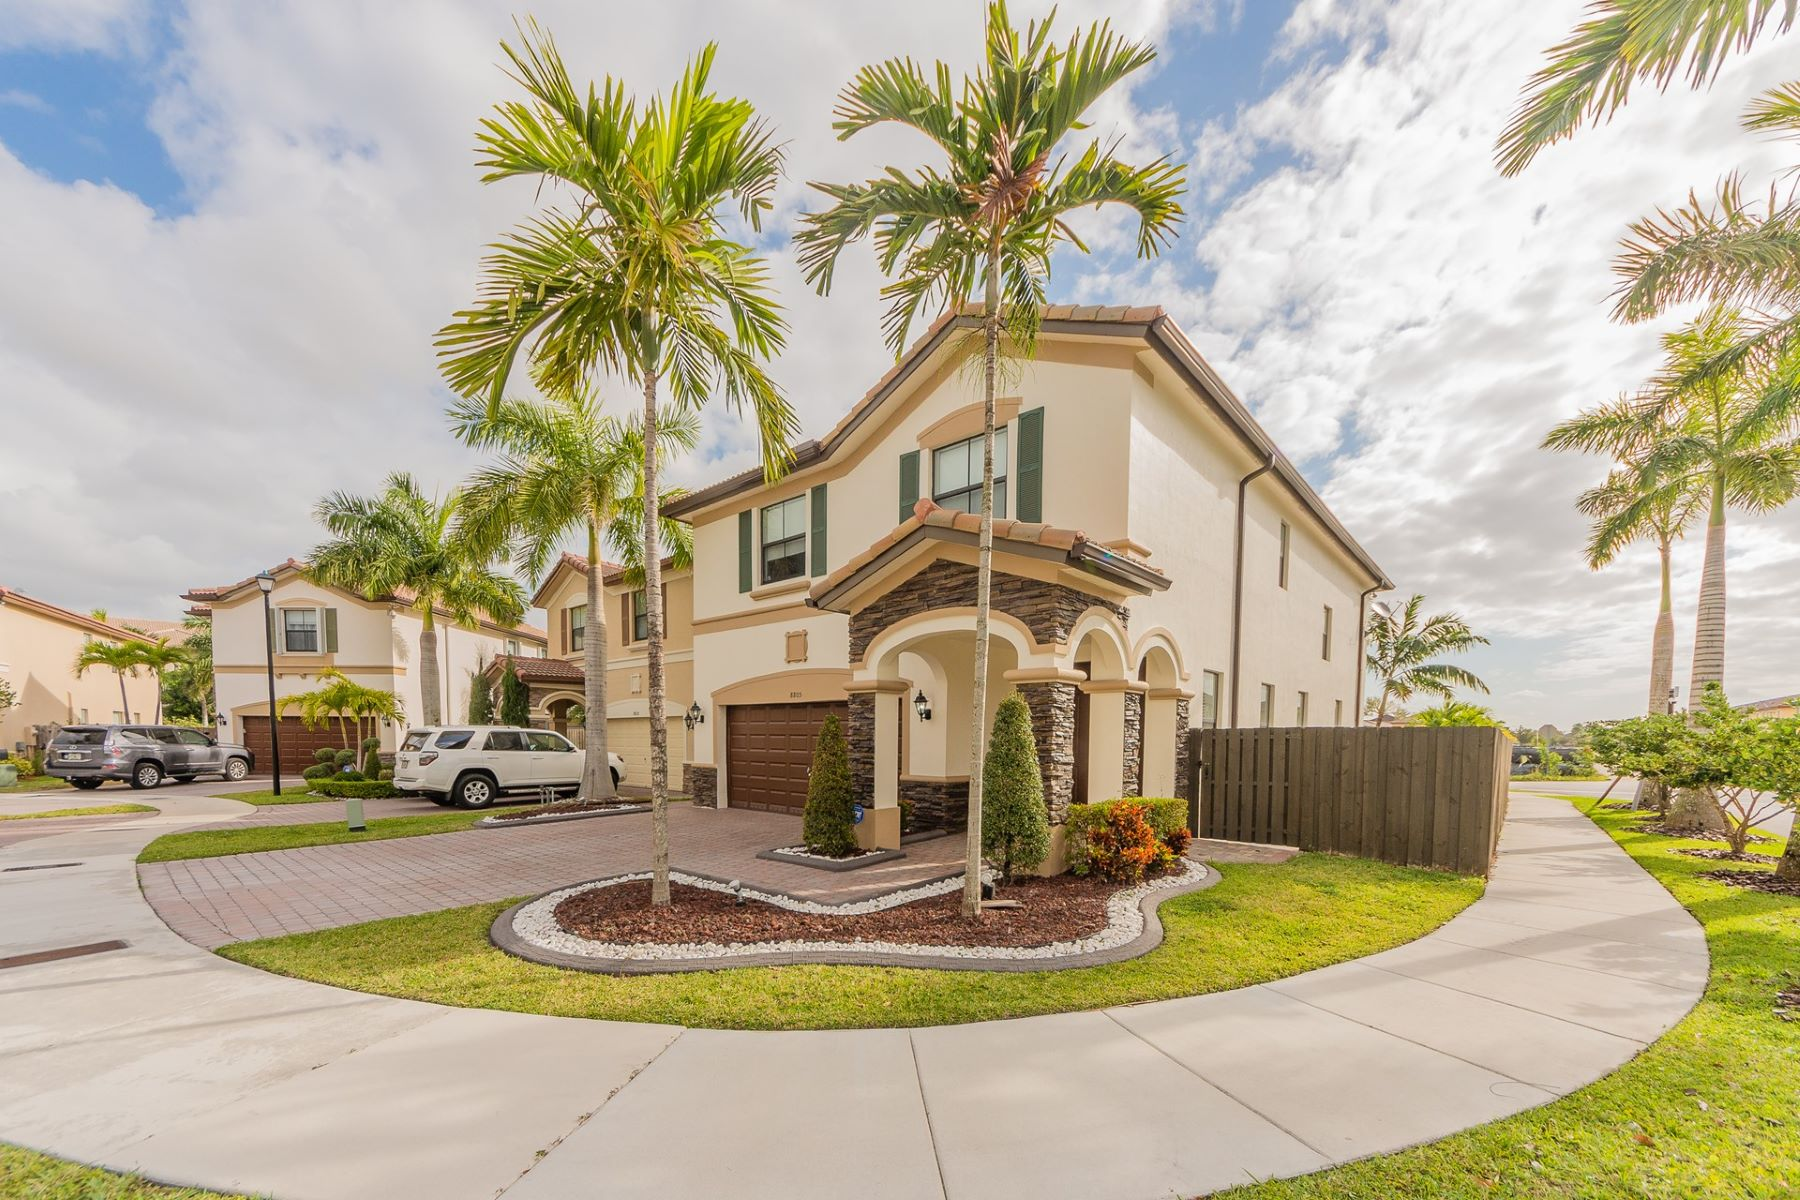 Einfamilienhaus für Verkauf beim 8805 NW 114 PL Doral, Florida 33178 Vereinigte Staaten